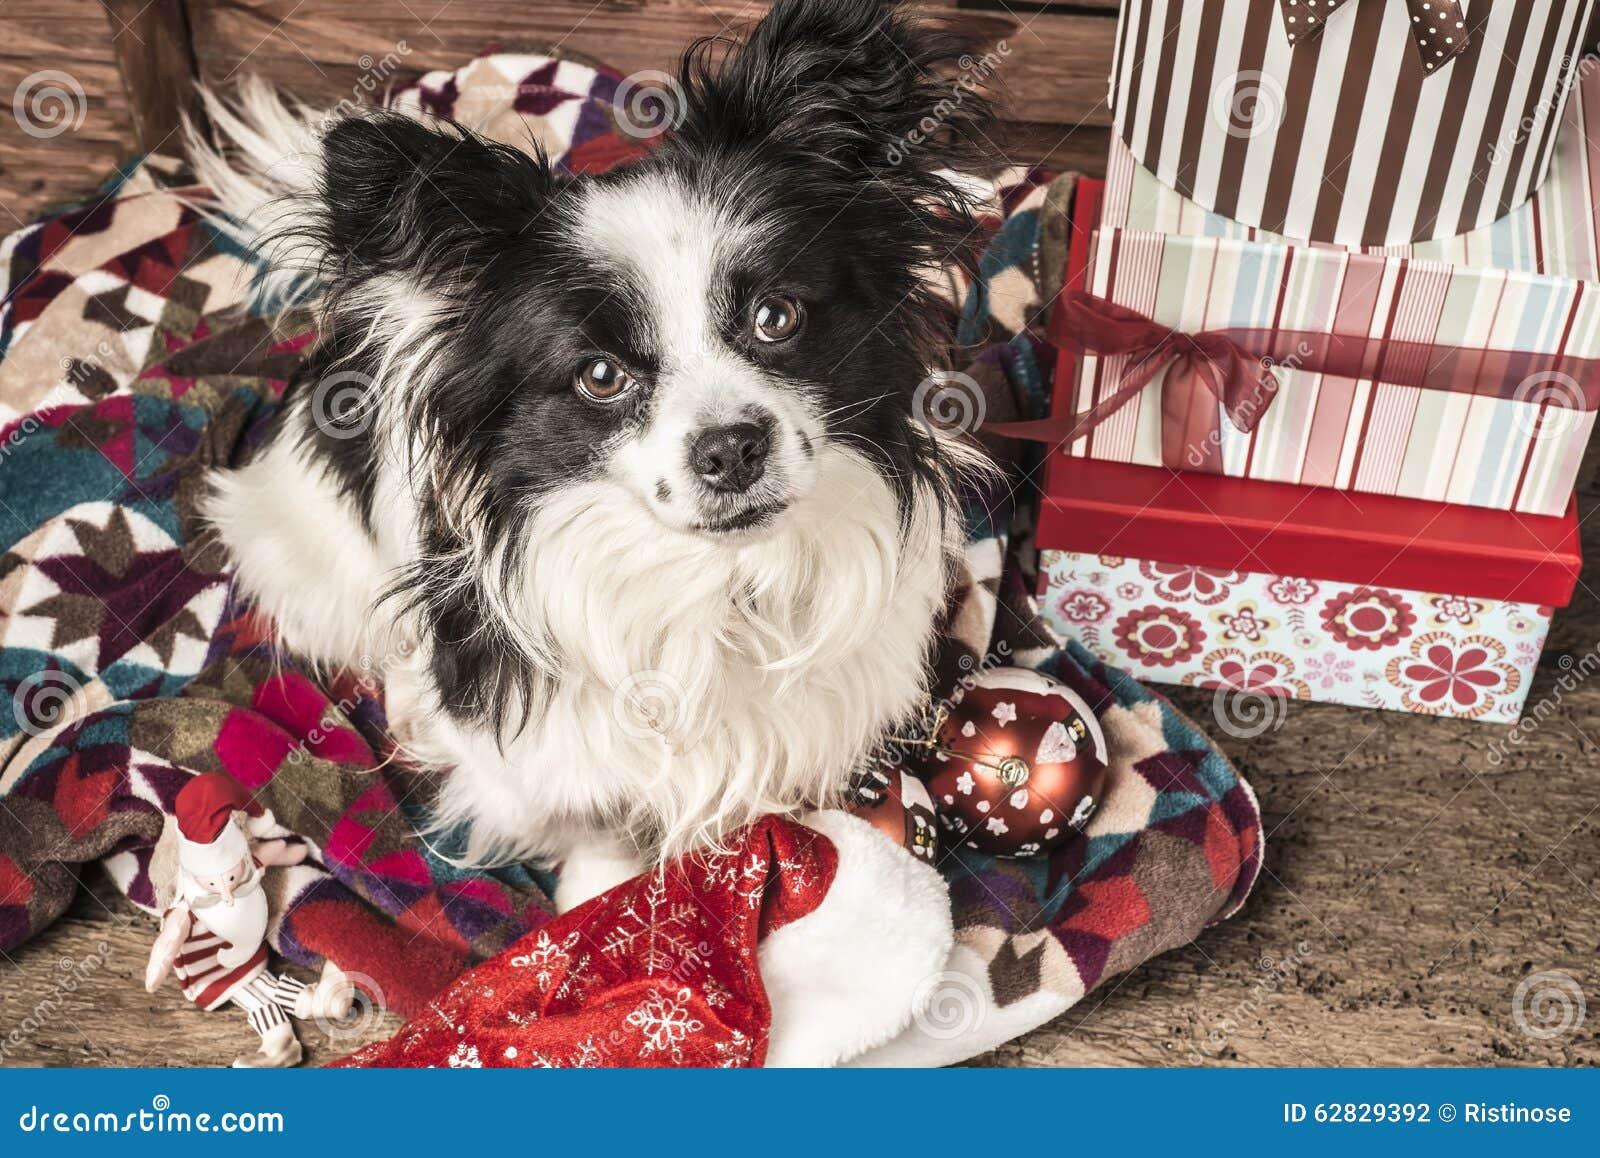 Dog Christmas Greeting Card Stock Photo Image Of Animal Dogs